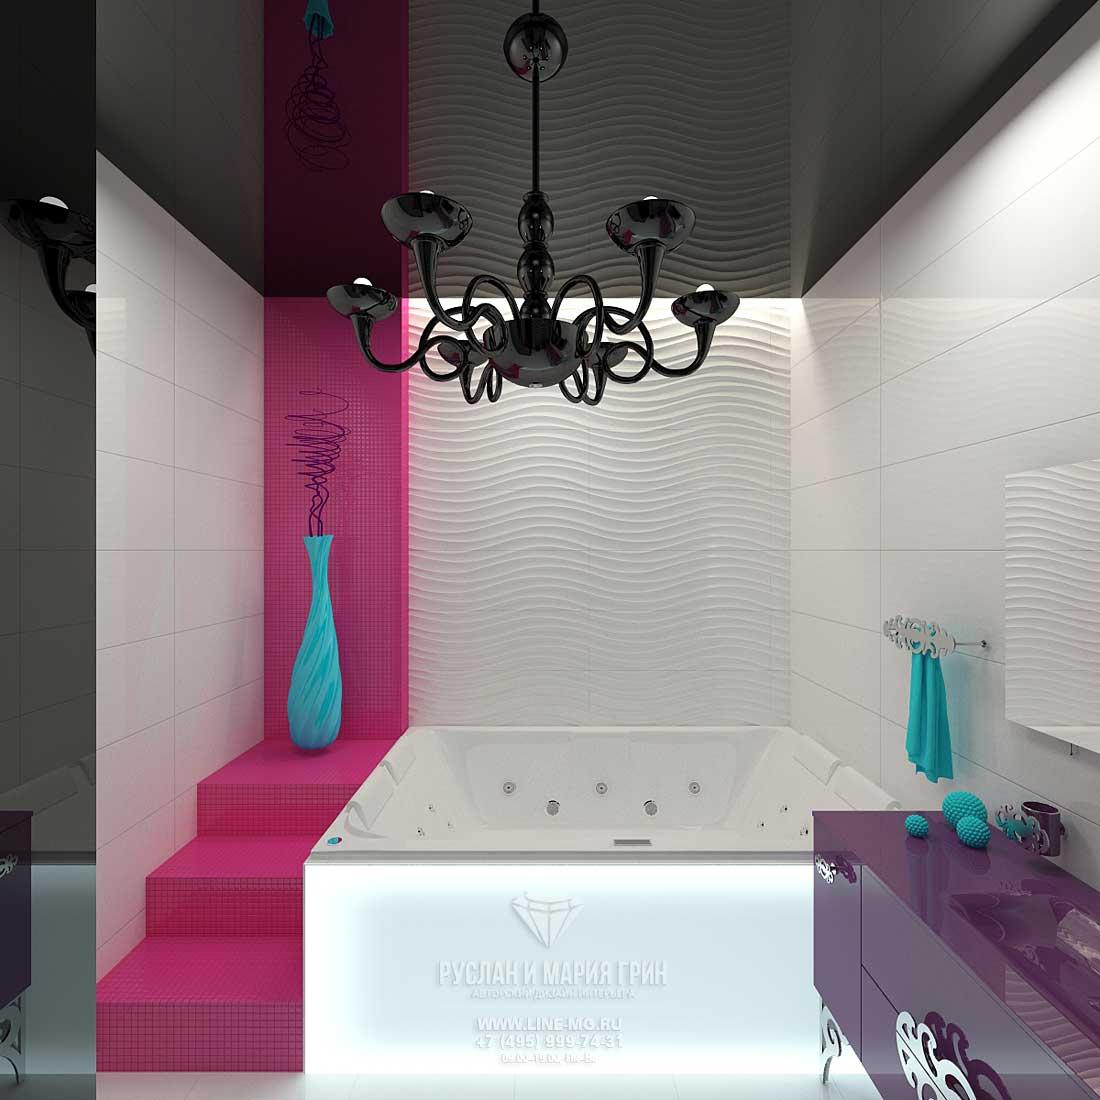 Фото интерьера детской ванной комнаты